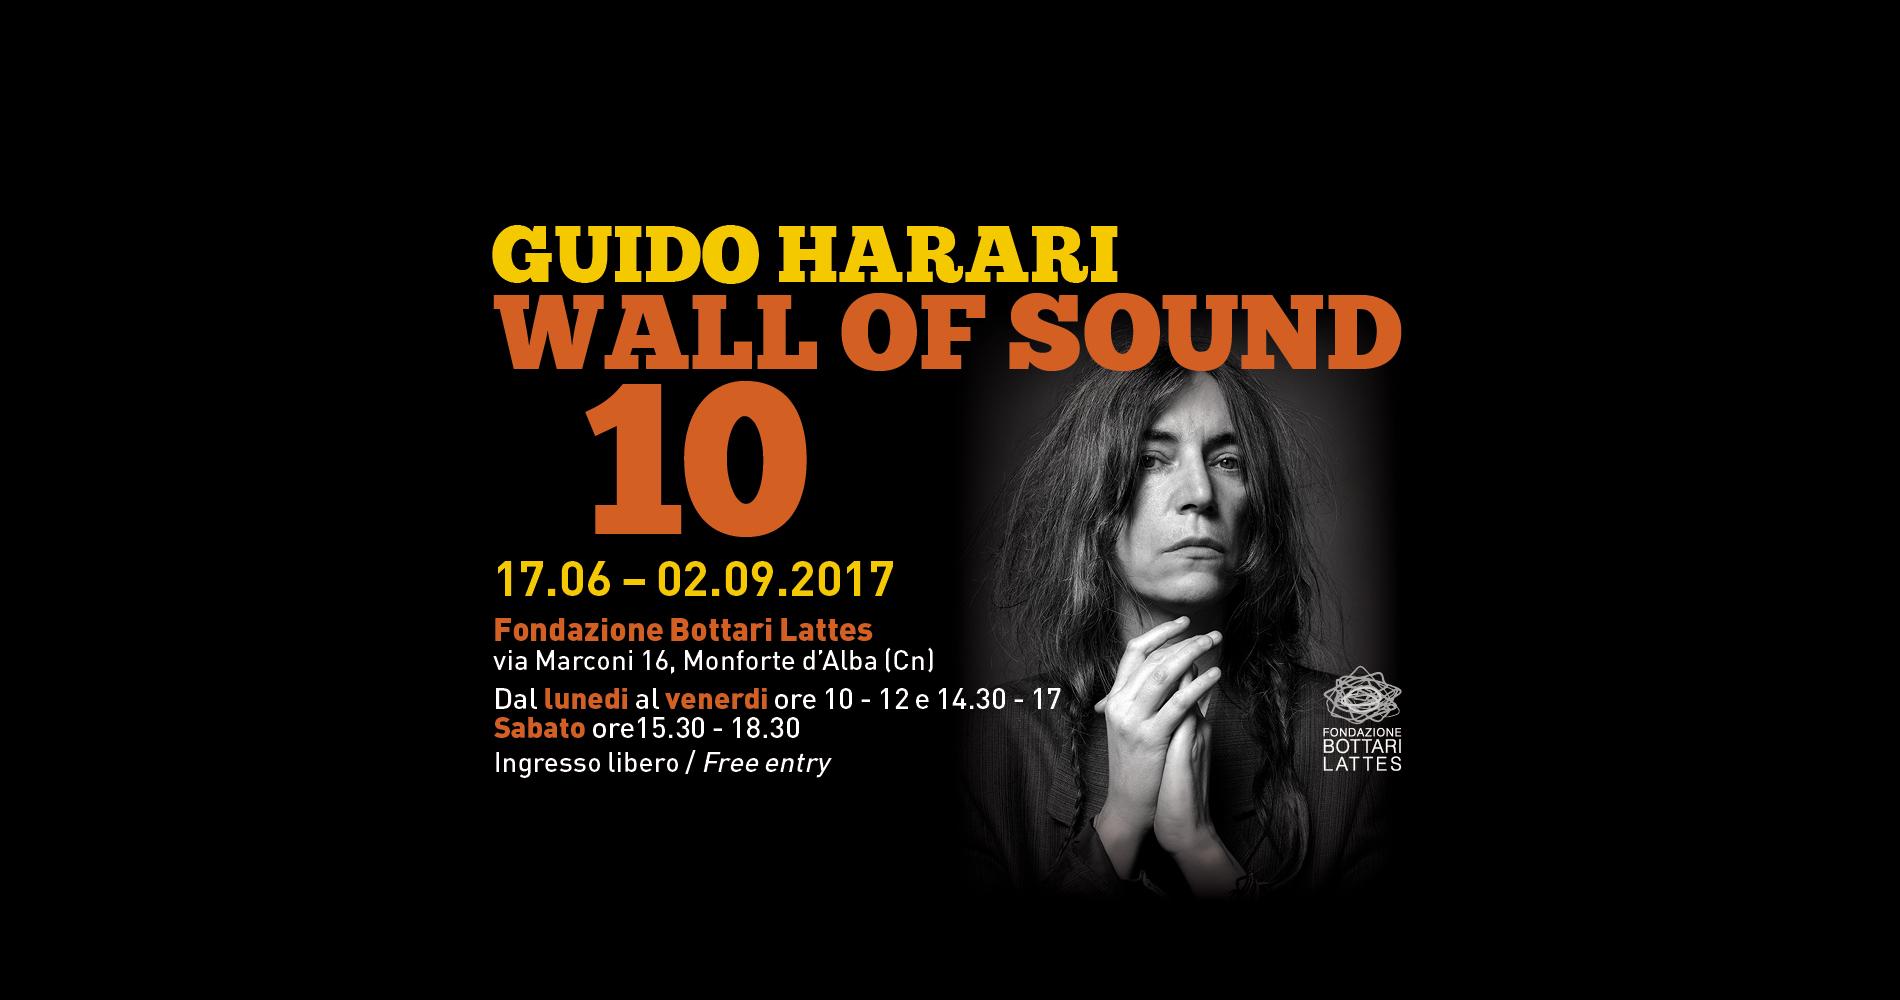 """Gli scatti di Guido Harari alla mostra """"Wall of Sound 10"""""""